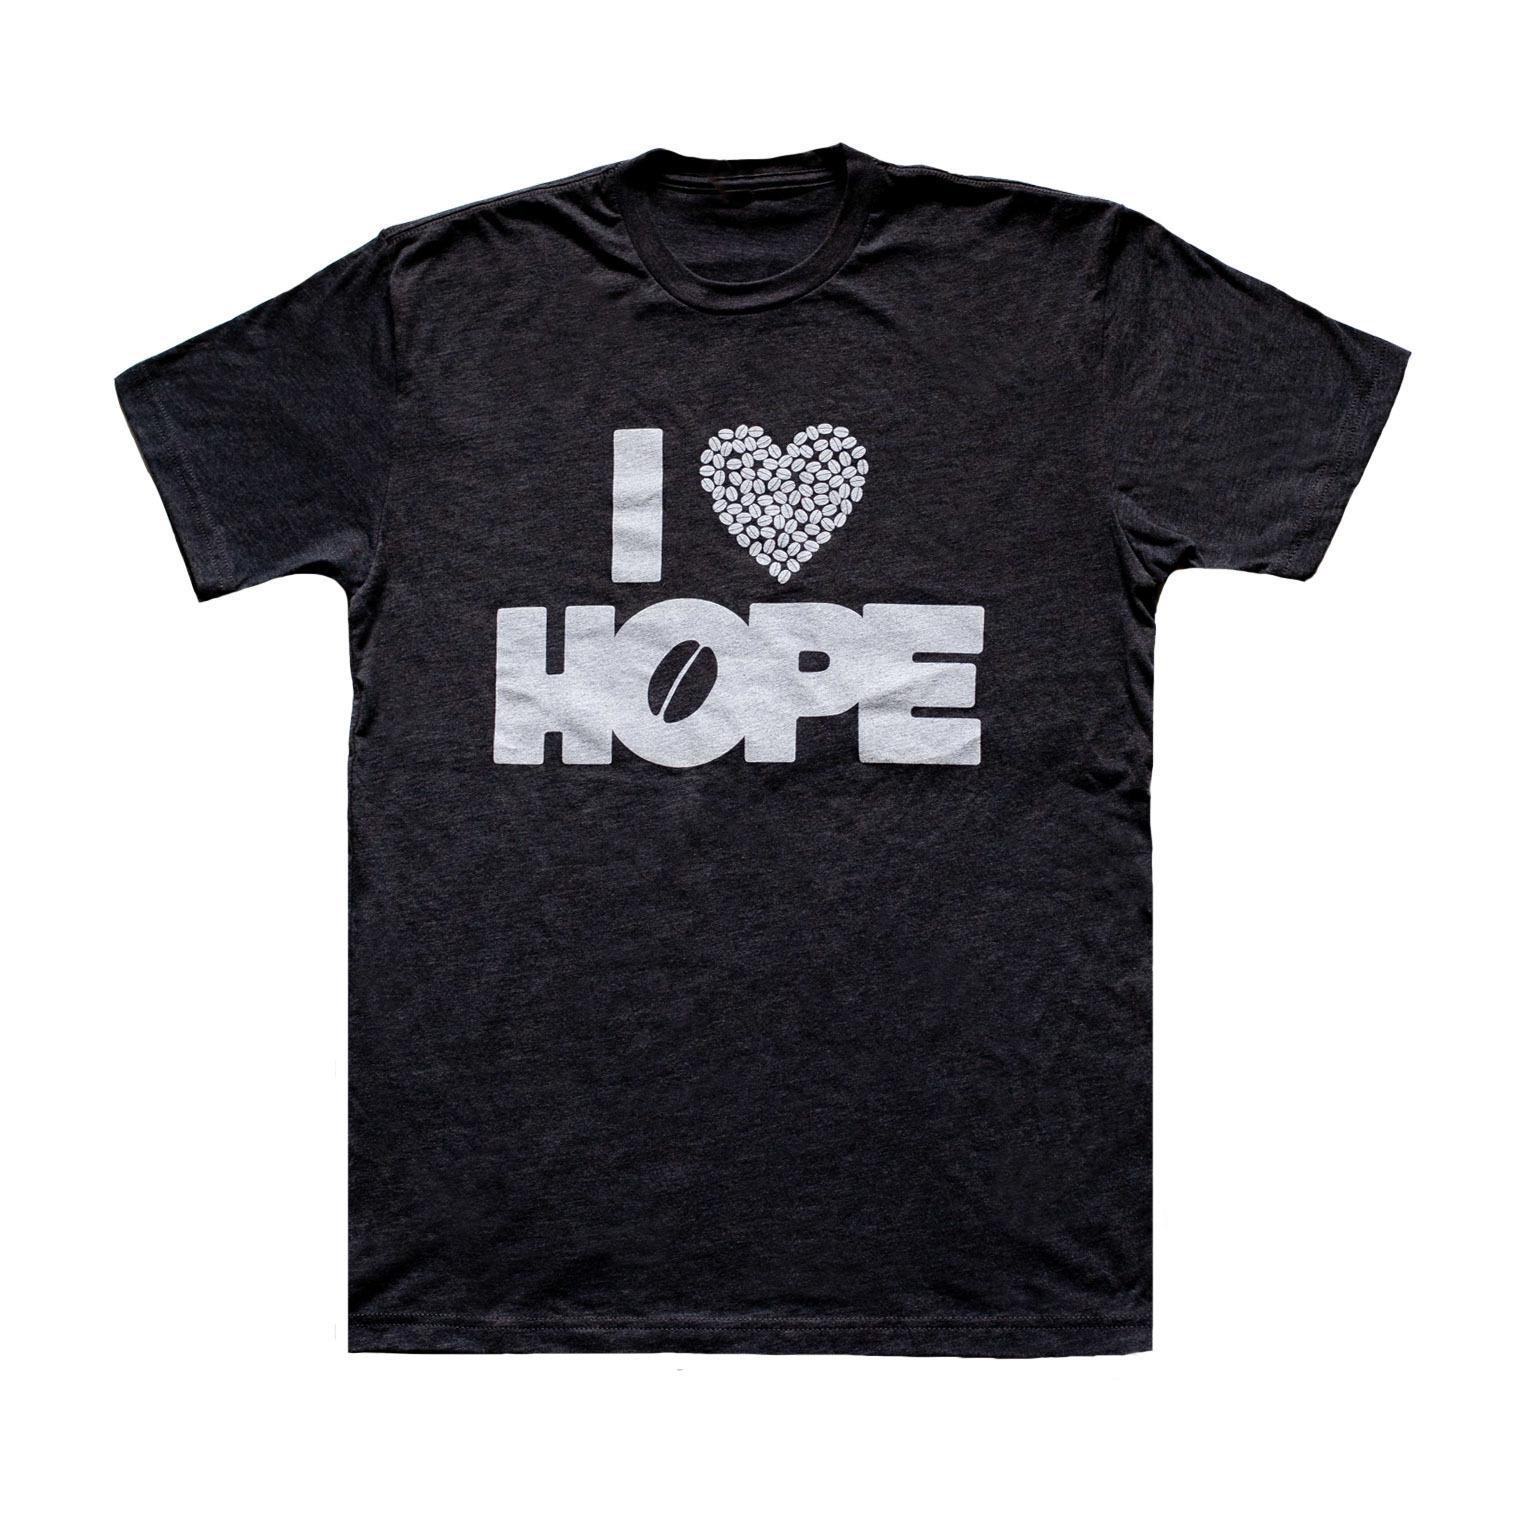 T-Shirts: I Heart HOPE (Charcoal)